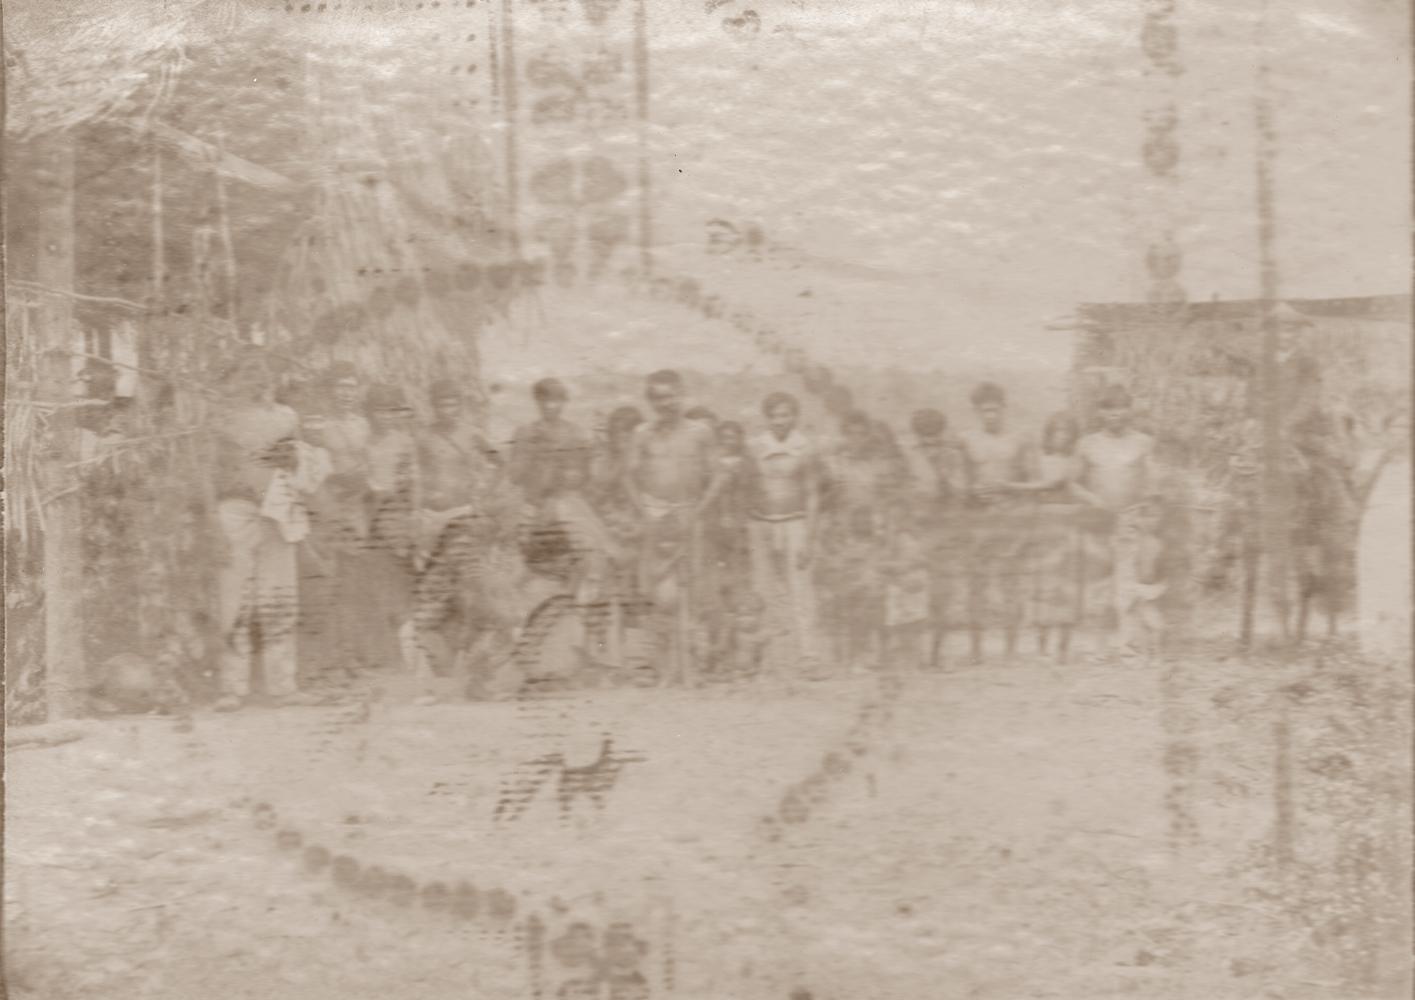 Un altro gruppo di giovani Cabocos che abitavano in Alto Alegre